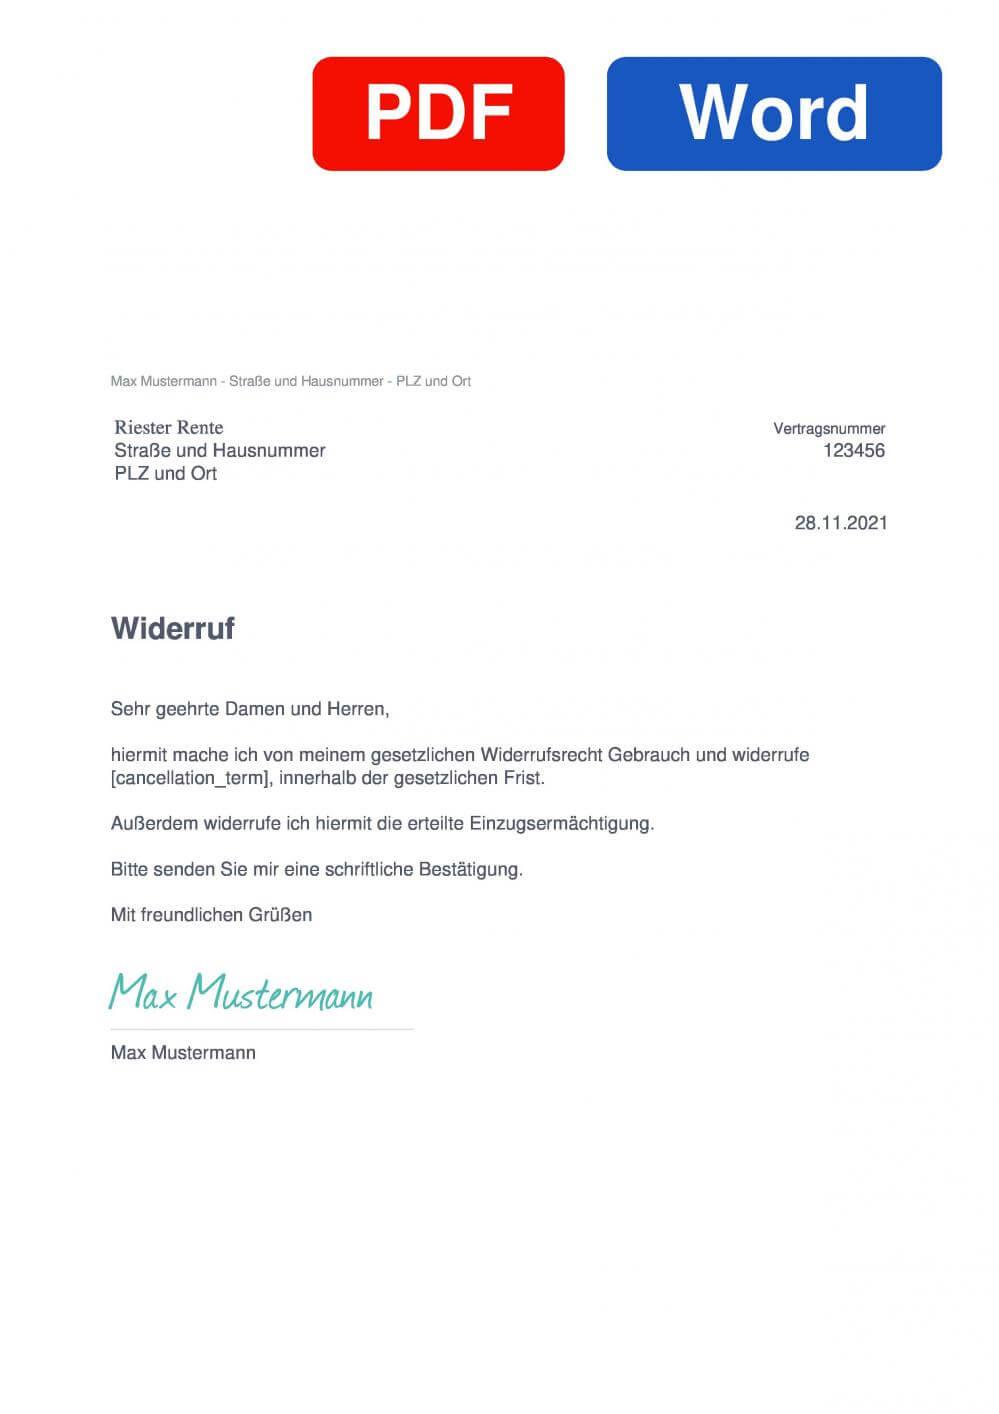 Riester Rente Muster Vorlage für Wiederrufsschreiben